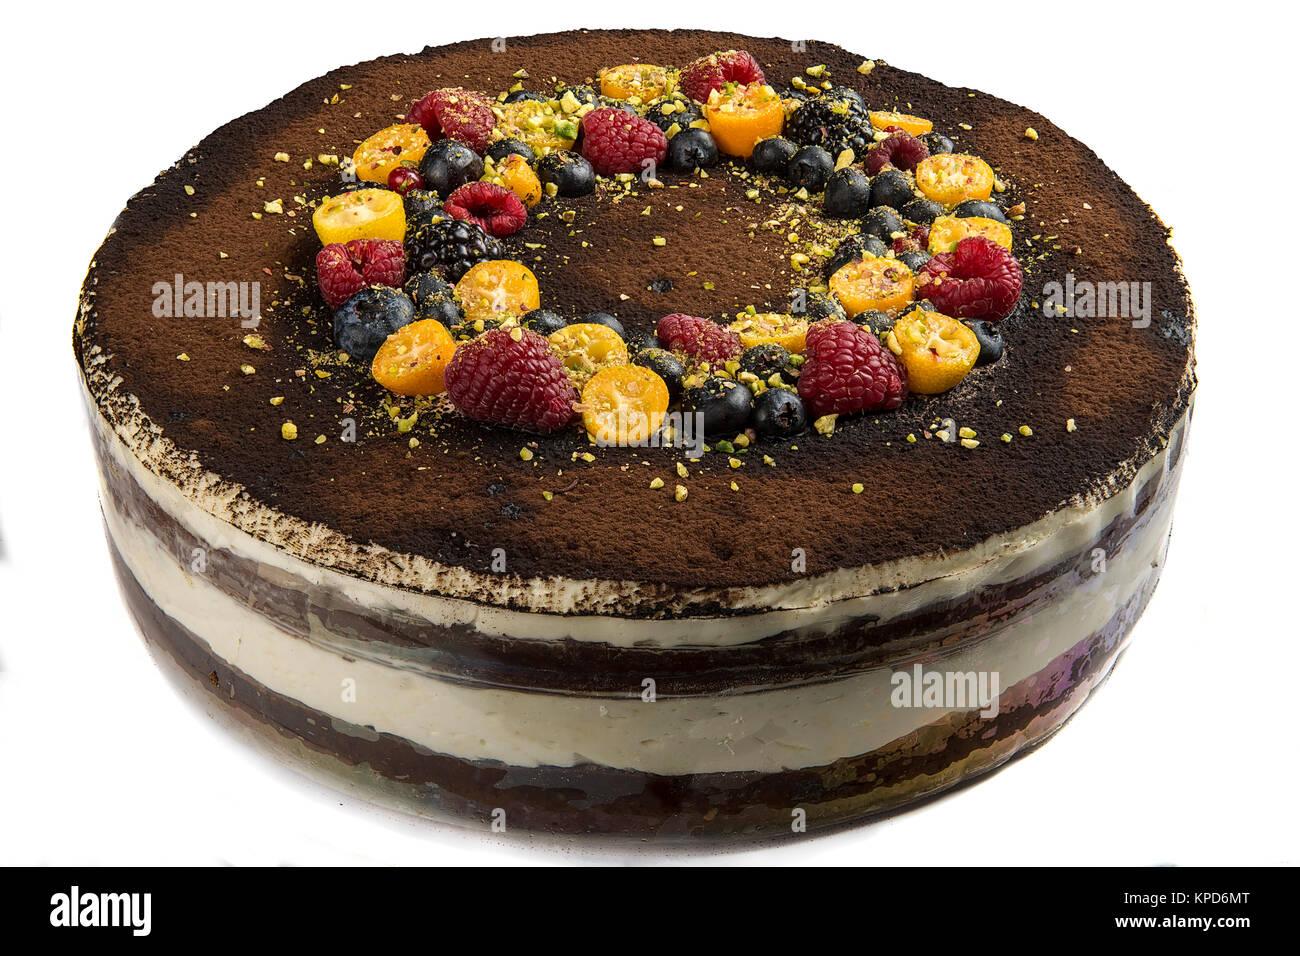 Handmade cake with berries. - Stock Image